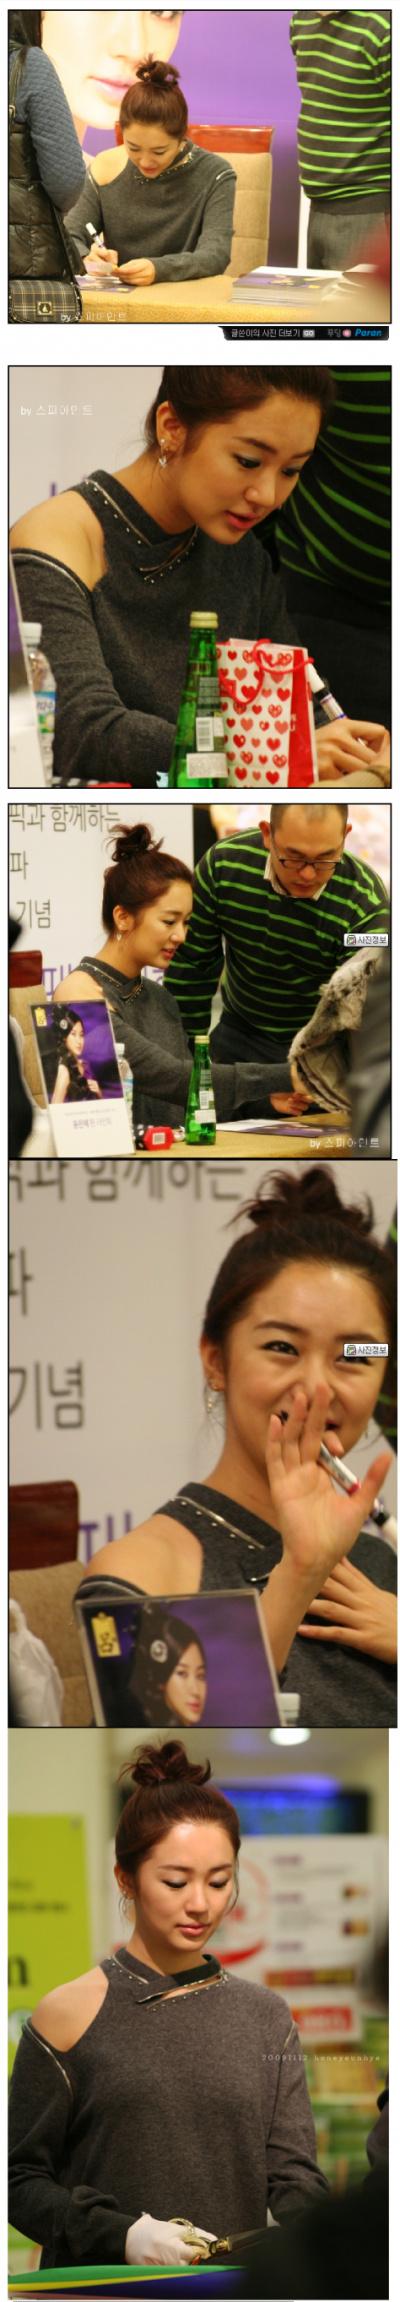 YoonEunHye_11162009(2)